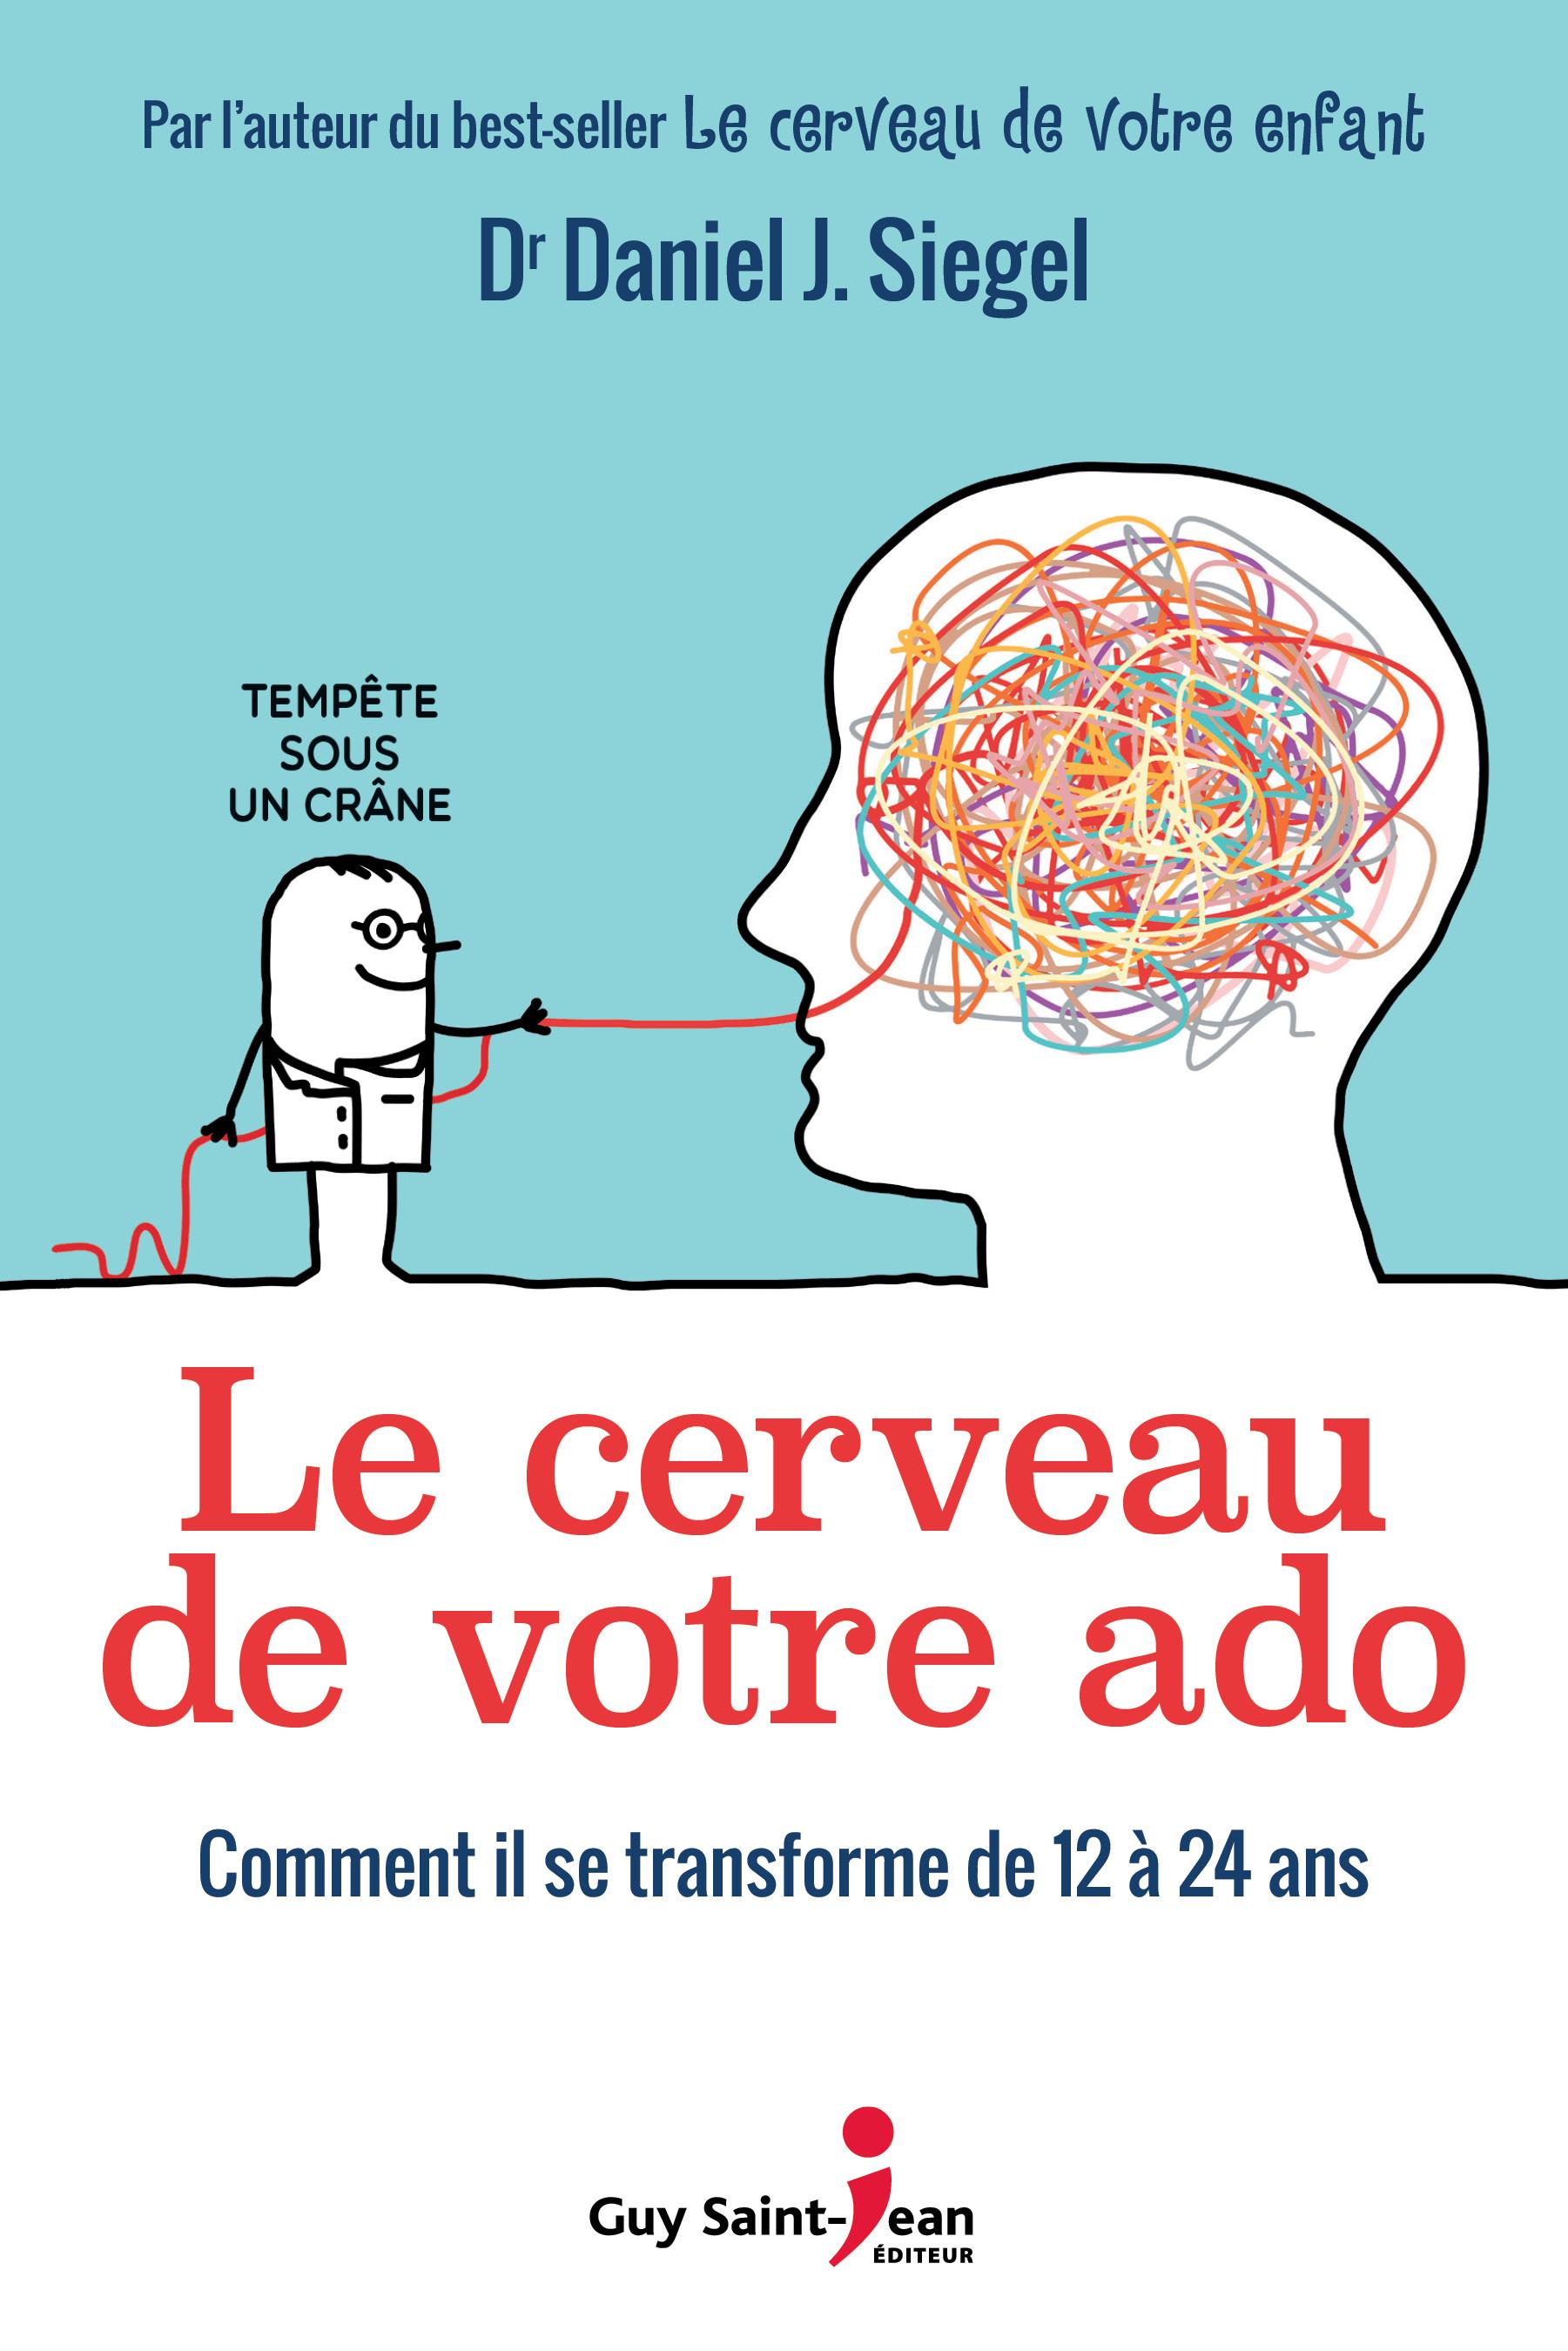 c1_le-cerveau-de-votre-ado_hr_final_eb